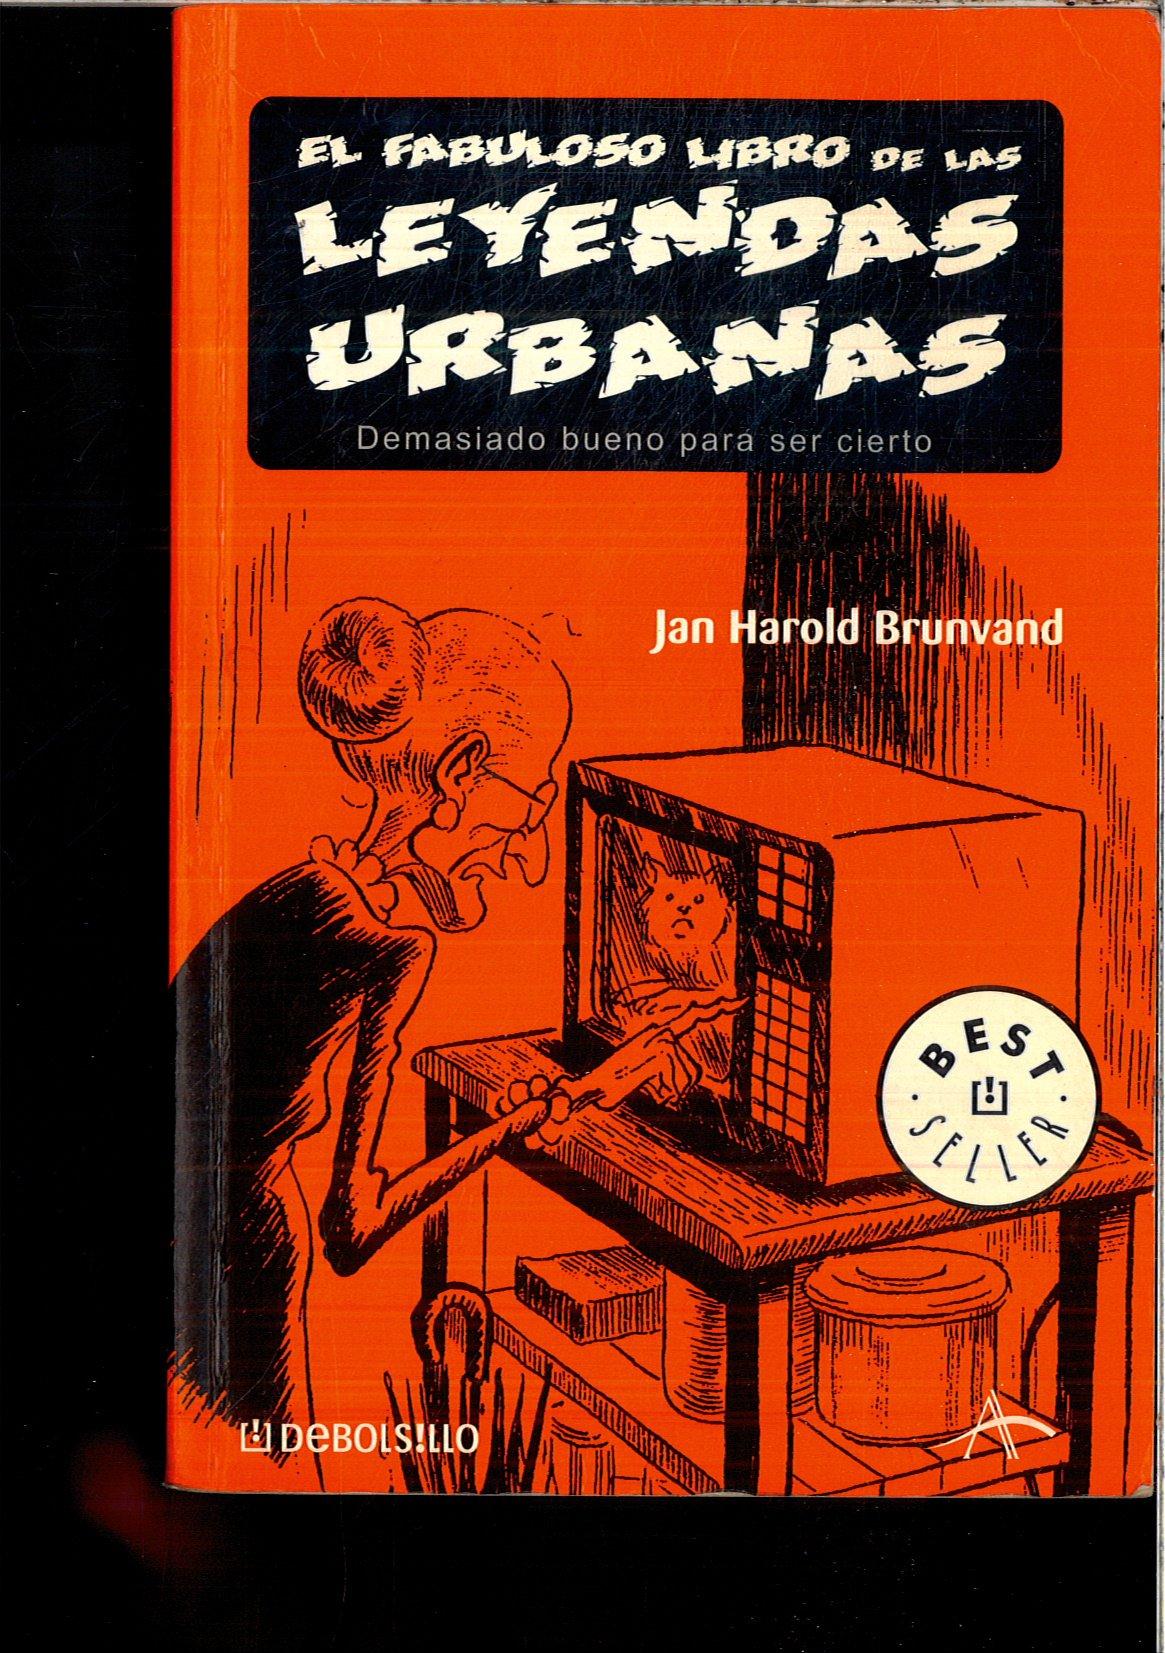 EL FABULOSO LIBRO DE LAS LEYENDAS URBANAS: Amazon.es: JUAN HAROLD BRUNVAND: Libros